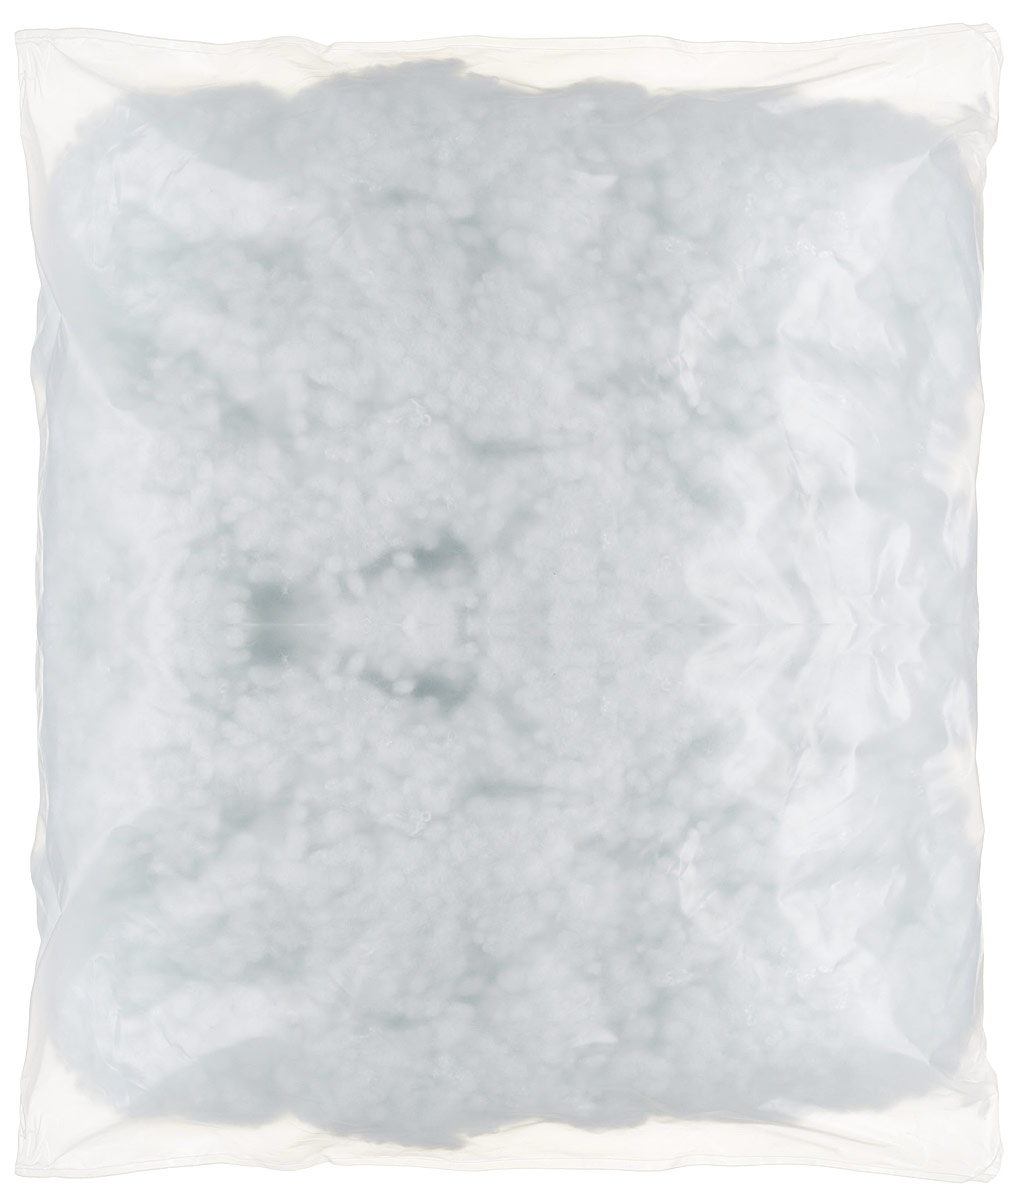 """Синтешар, он же """"Холлофайбер"""", комфорель, полиэфирное волокно - это волокна полиэстера, сотканные из мельчайших синтетических """"нитей"""". Волокна имеют вид спиральной пружины. Синтешар представляет собой небольшие шарики диаметром около одного сантиметра. Каждый из сотни шариков образуют собой пружину. Данный вариант является классическим наполнителем для постельных принадлежностей, подушек для беременных. В основном используется для наполнения обычных постельных принадлежностей, а так же для поделок и игрушек. Наполнитель гипоалергенен, подлежит стирке."""